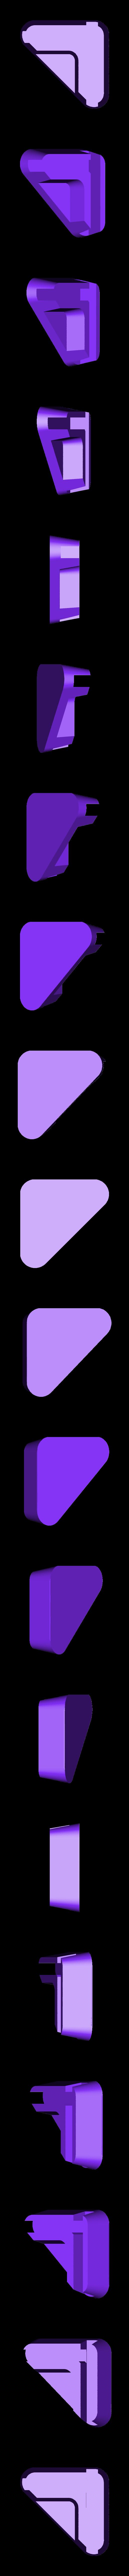 Remix_Pied_UM2_x1.stl Télécharger fichier STL gratuit Pieds / pied Ultimaker 2 • Design imprimable en 3D, arayel